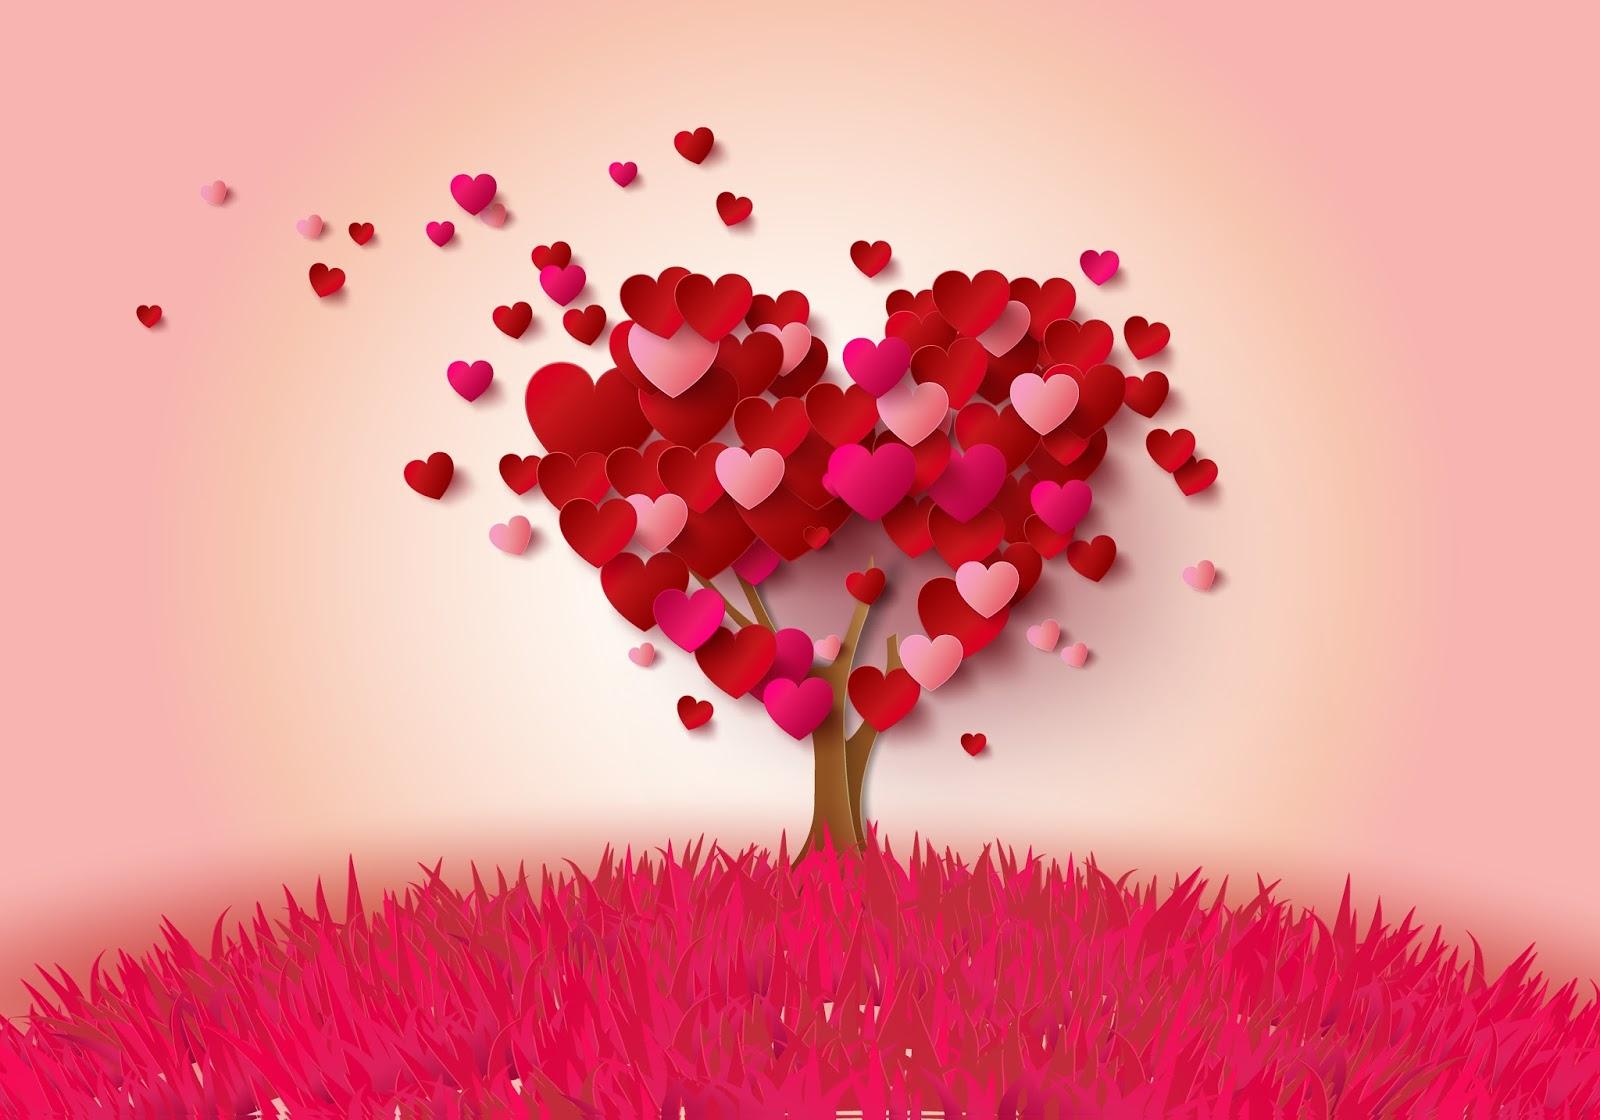 Hình ảnh cây trái tim đẹp